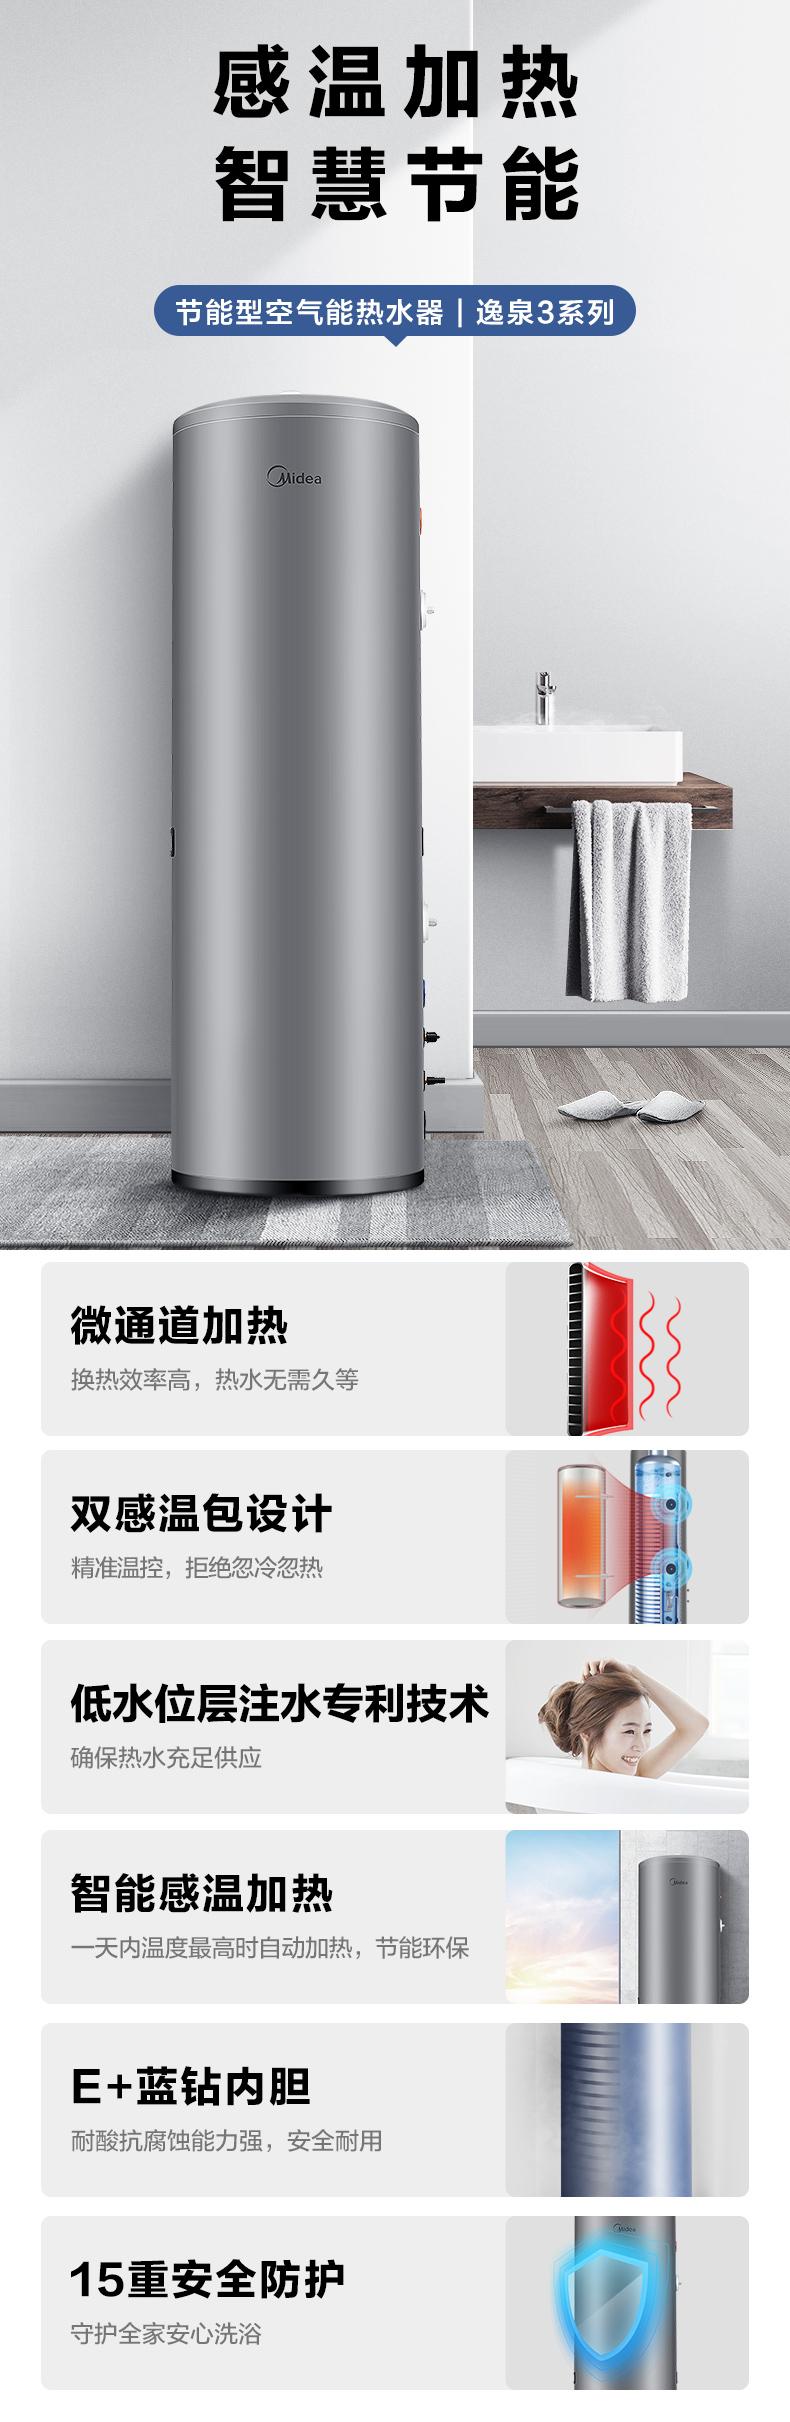 云南美的家用空气能热水器好吗